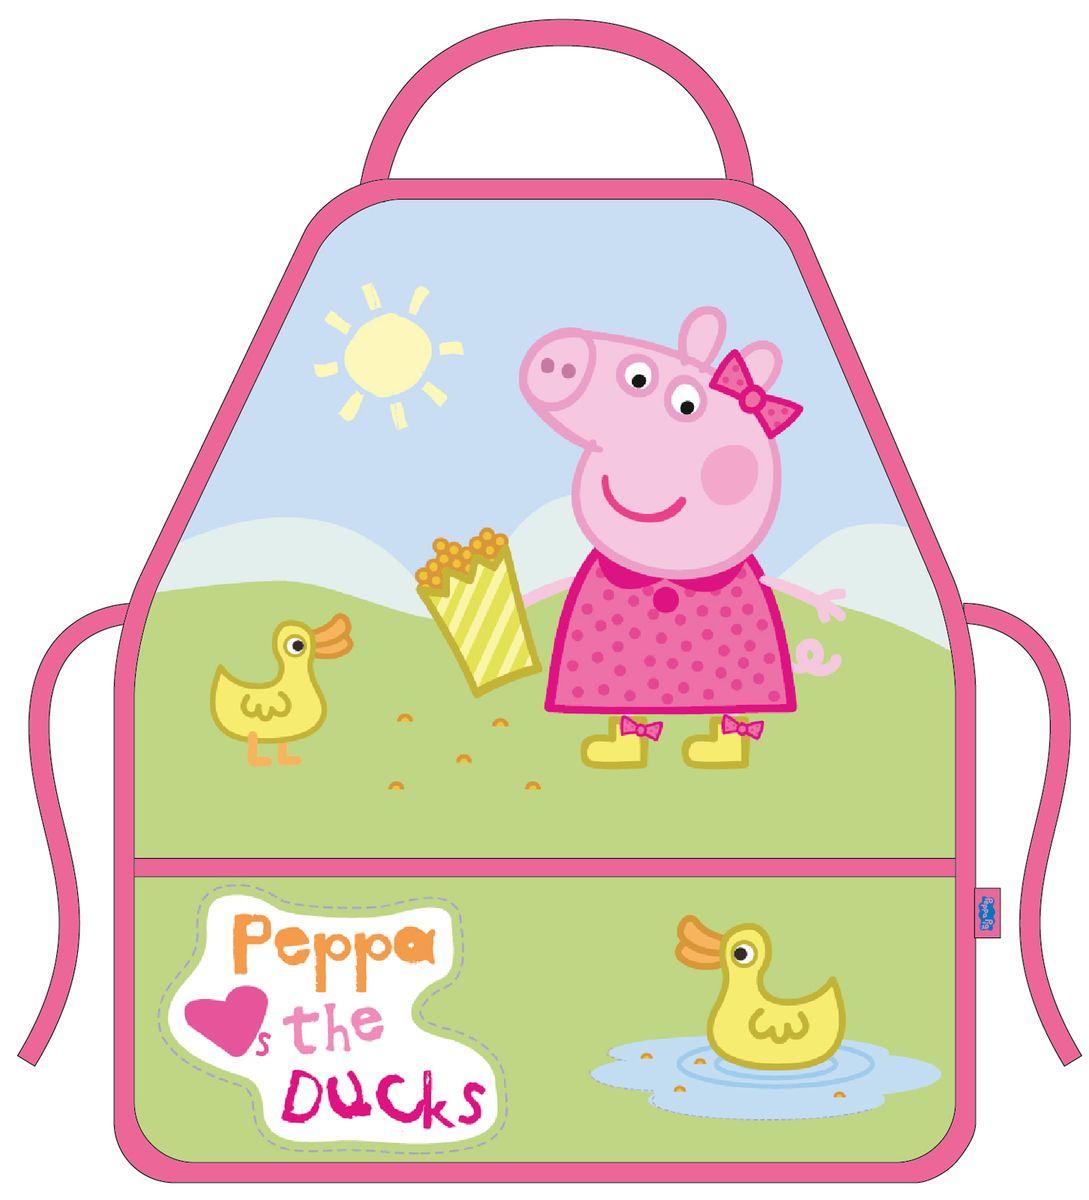 Peppa Pig Фартук для труда с нарукавниками Утка30078Красивый и удобный фартук Peppa Pig Утка поможет вашей малышке не испачкаться во время домашних хлопот, на уроках труда или изобразительного искусства, а очаровательная Свинка Пеппа будет радовать ее долгое время. Он не только защищает одежду ребенка от загрязнения, но и ярко украшает ее. Малыш сможет сам без помощи взрослых надевать и снимать этот фартук удобного покроя. Тонкие тесемочки легко завязываются вокруг талии. Спереди есть два вместительных кармана, в которые можно положить необходимые для работы предметы. Фартук изготовлен из легкостирающейся, износостойкой ткани, поэтому имеет долгий срок службы. К комплекту прилагаются два нарукавника, защищающие рукава от загрязнения.Рост: 110-128 см. Размер: 30-34.